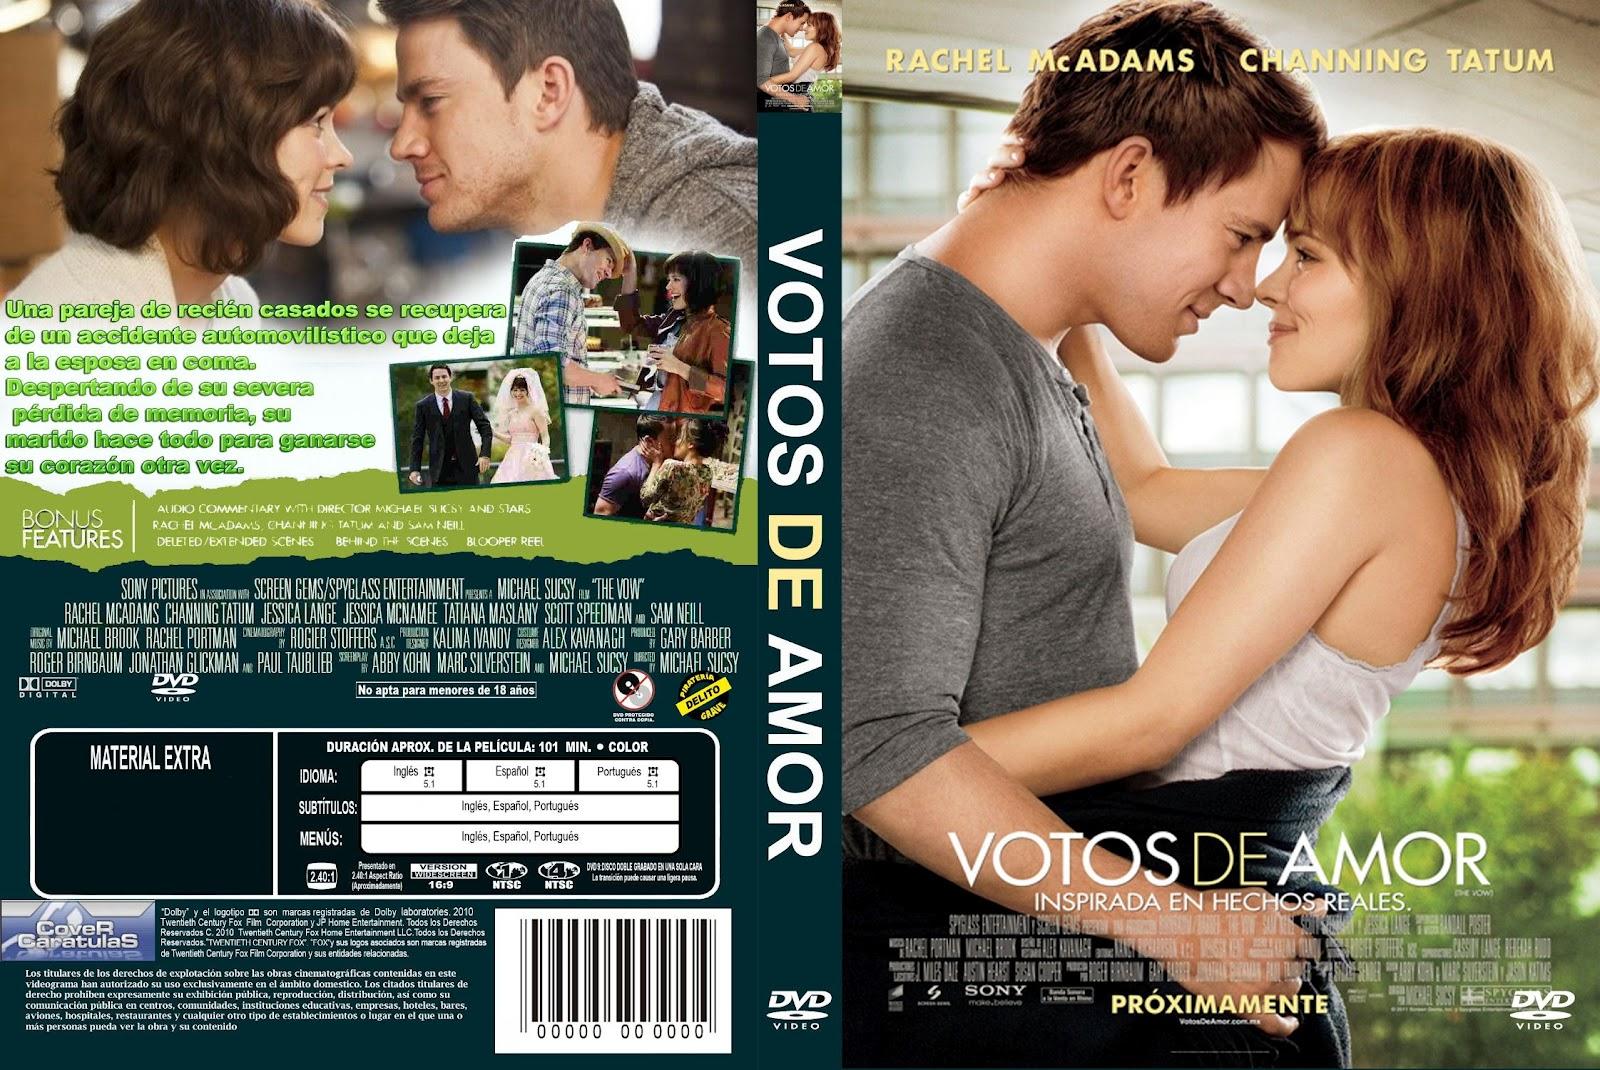 http://1.bp.blogspot.com/-ndAuu1do9cw/T5dn4iHWxFI/AAAAAAAACAw/aLlu0EcPdhE/s1600/Votos+De+Amor+Custom+Por+Jorgedenis+-+dvd.jpg